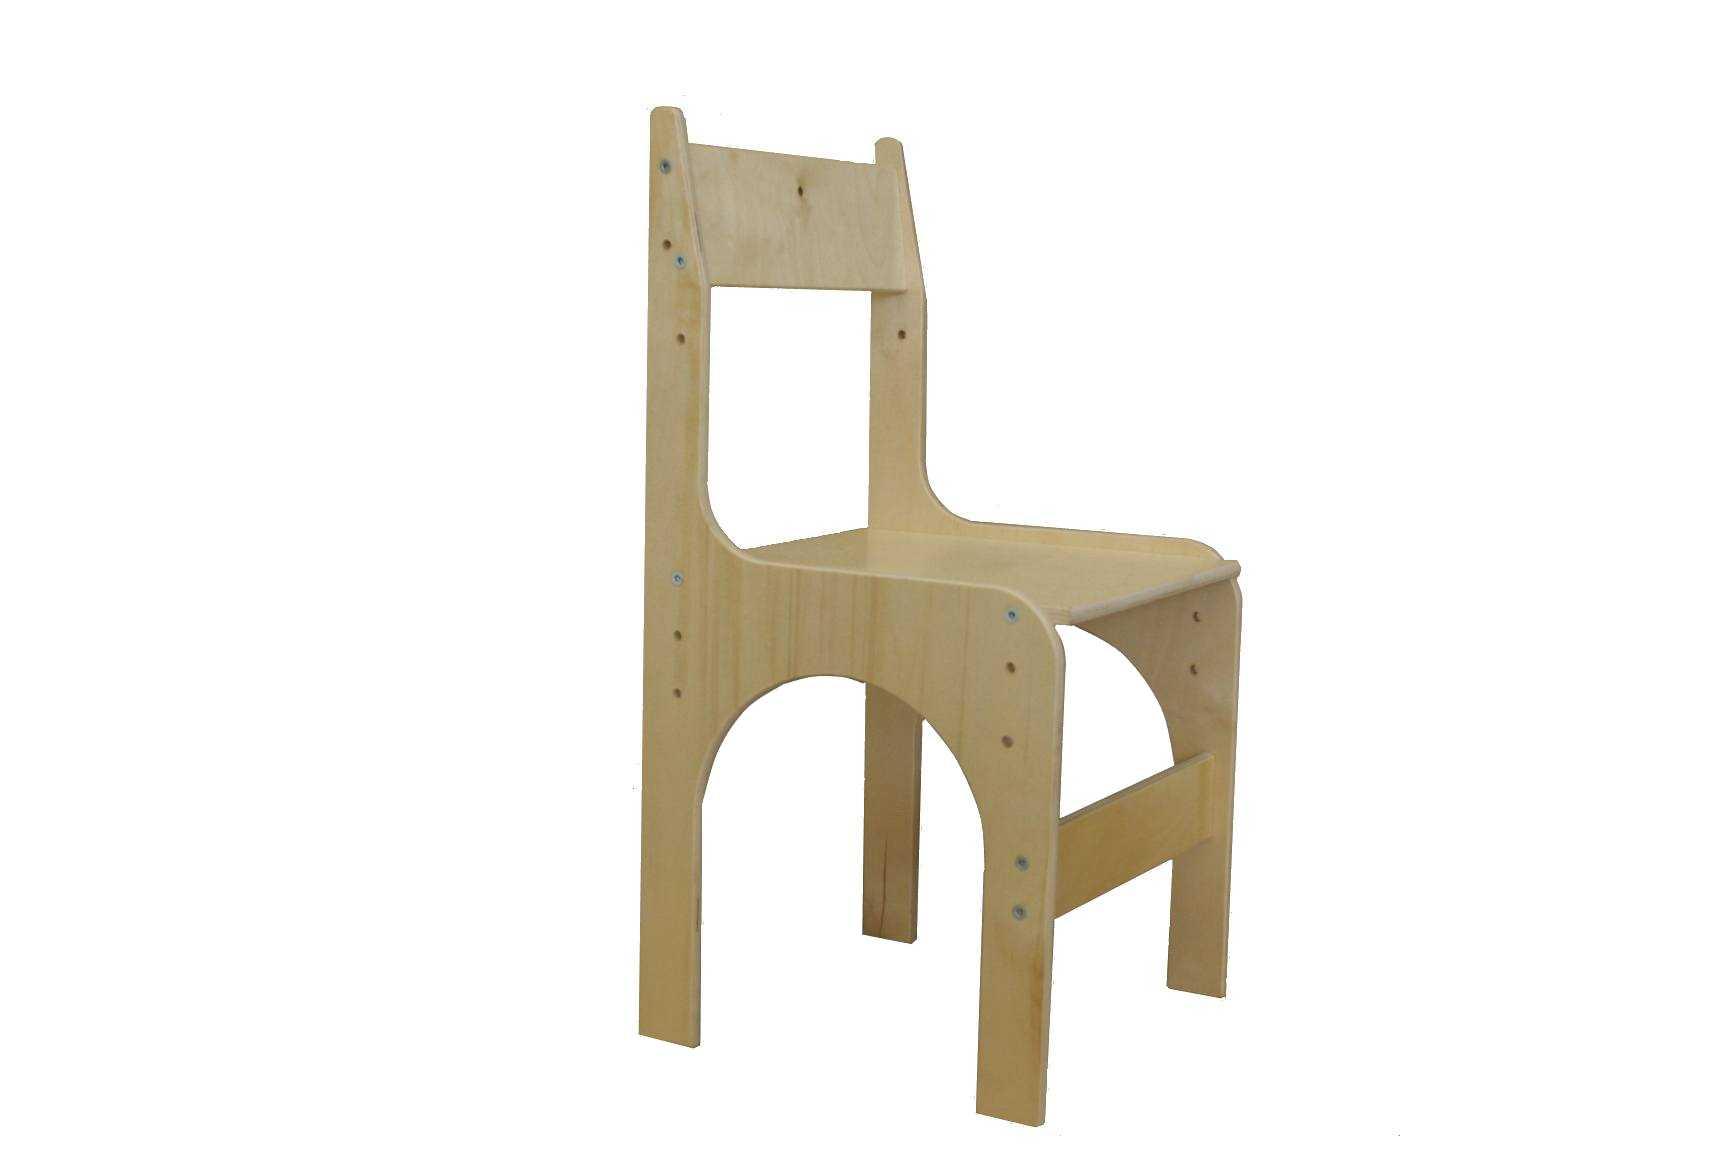 Детский стул своими руками : 280 фото Чертежи Размеры Инструкции 28